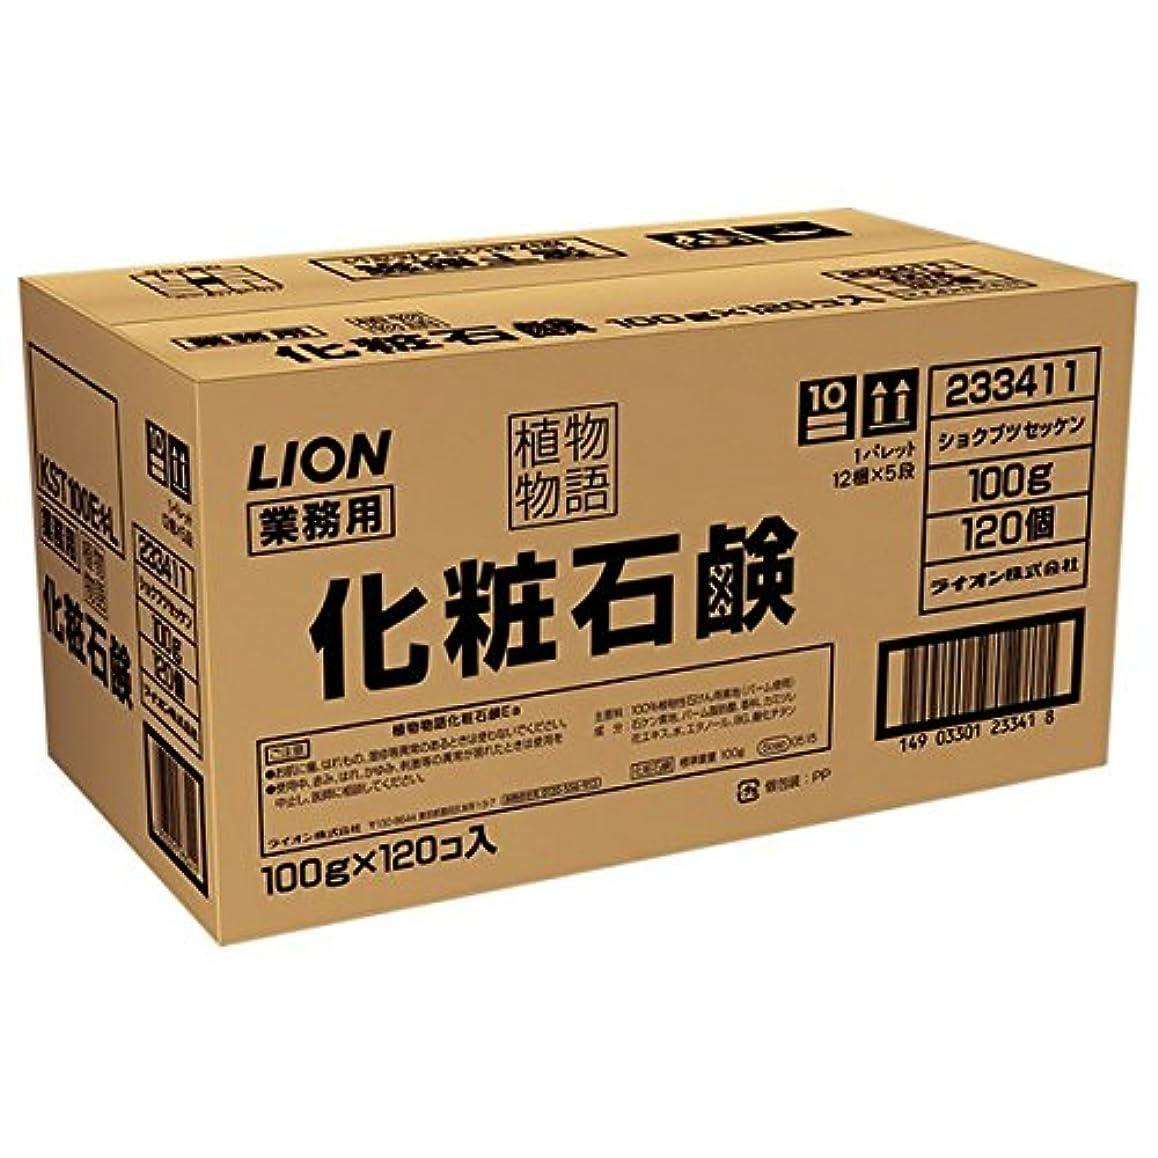 蓄積する東秋ライオン 植物物語 化粧石鹸 業務用 100g 1箱(120個)